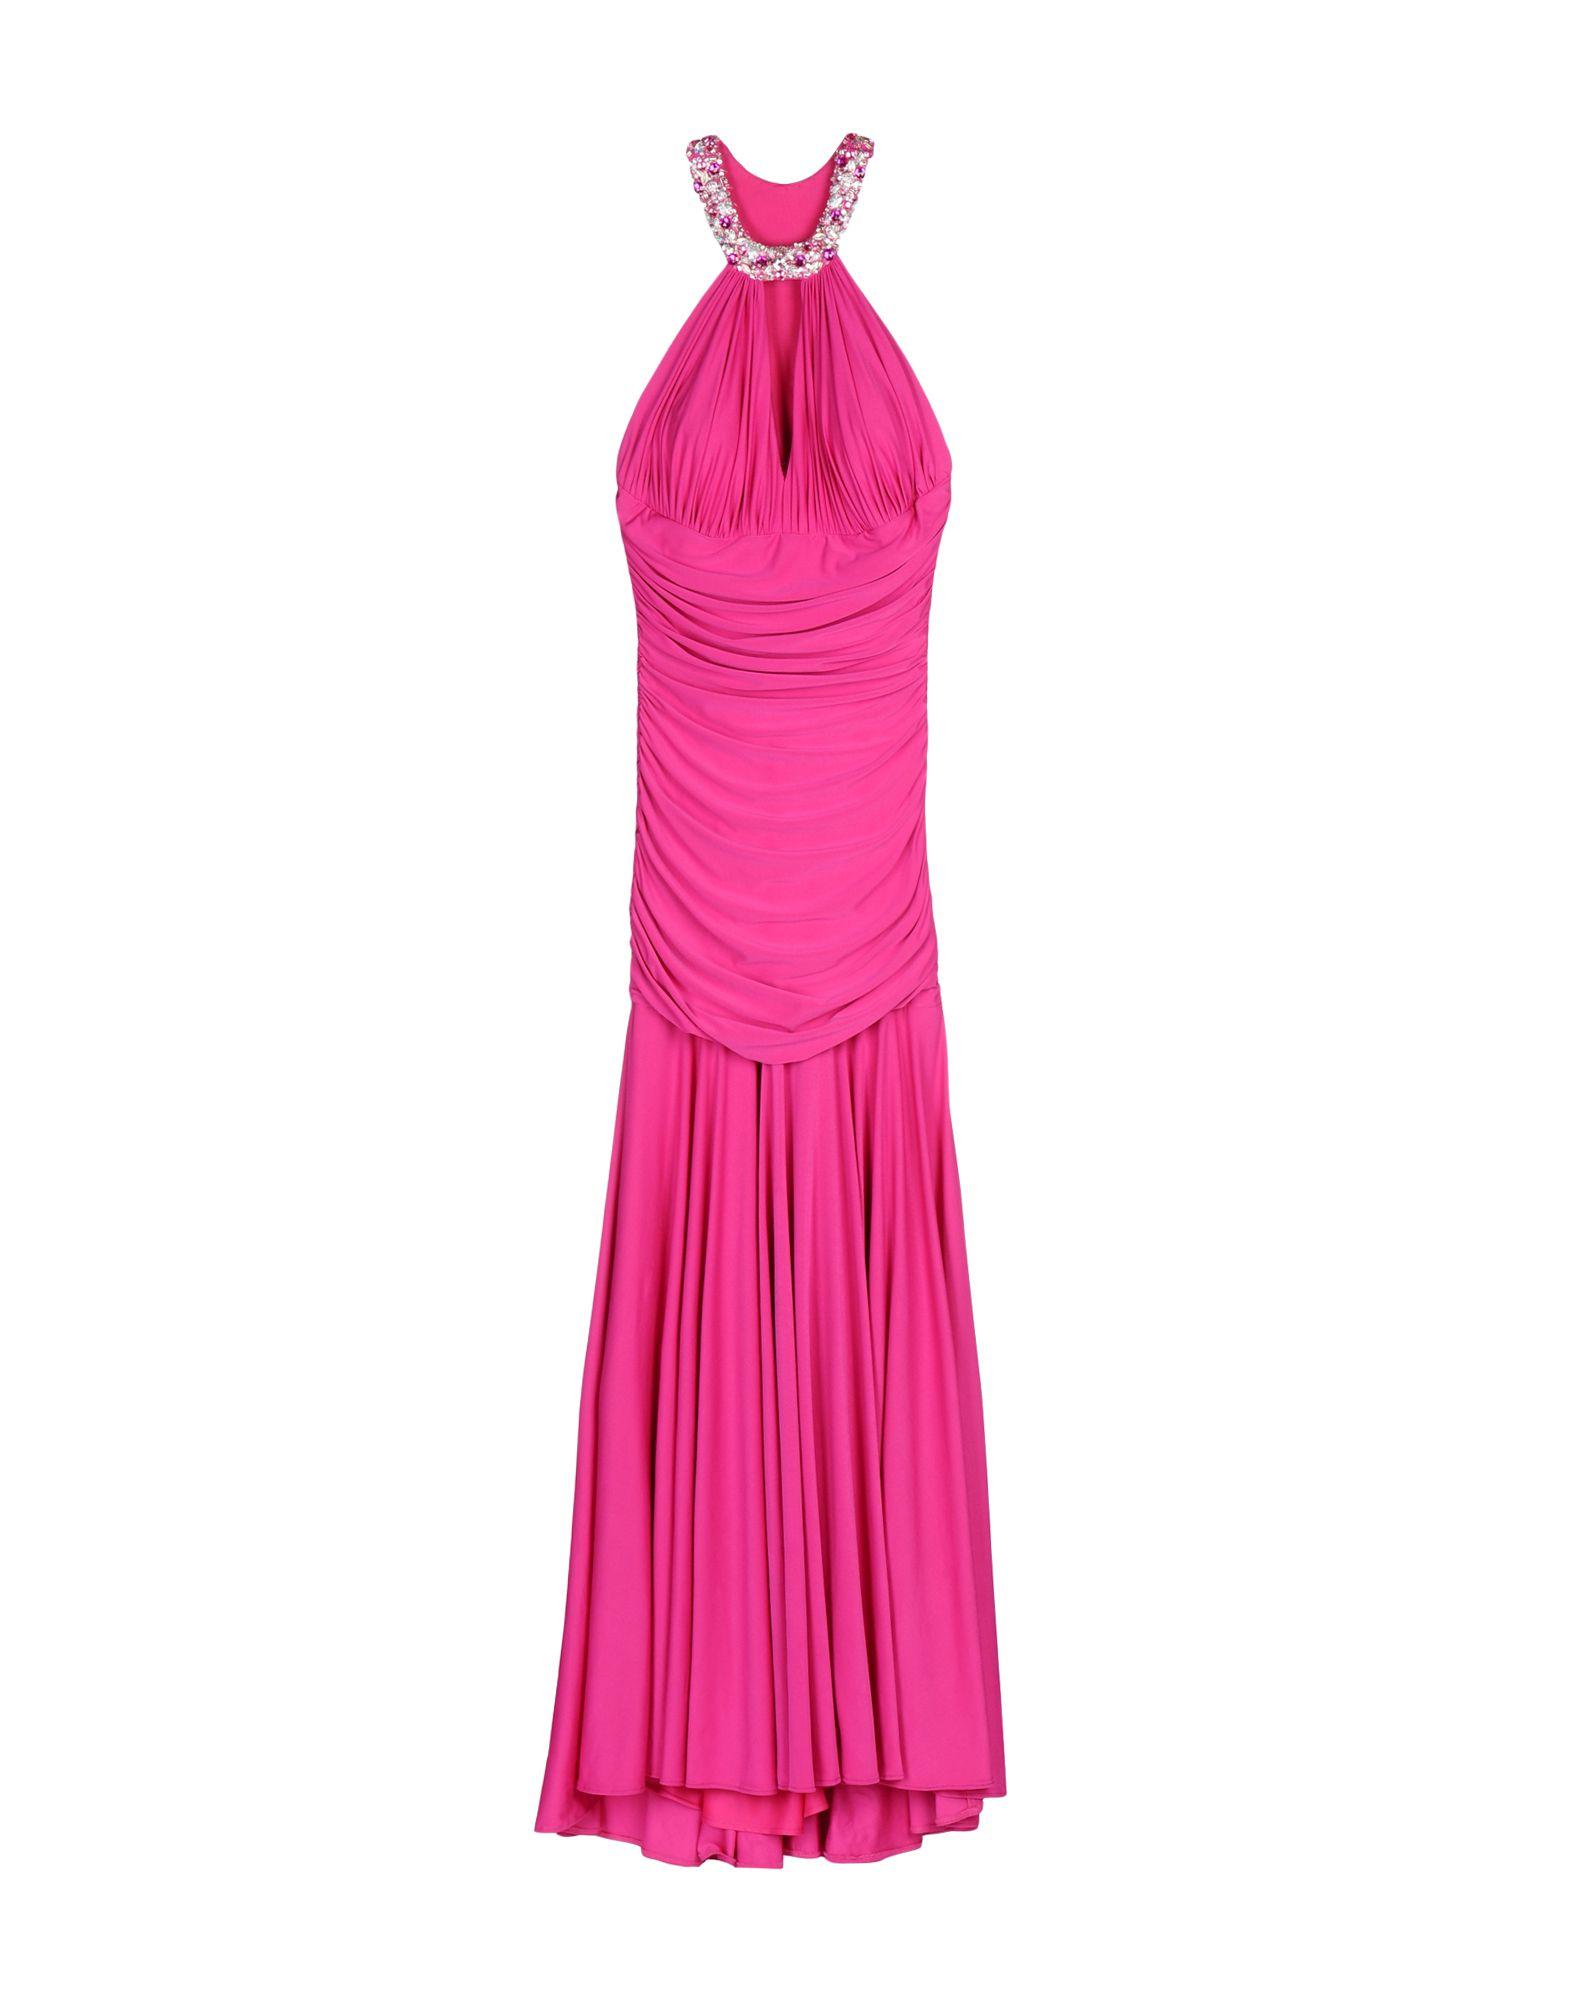 EUFORIA ILLUSIONS & DREAMS Длинное платье euforia illusions